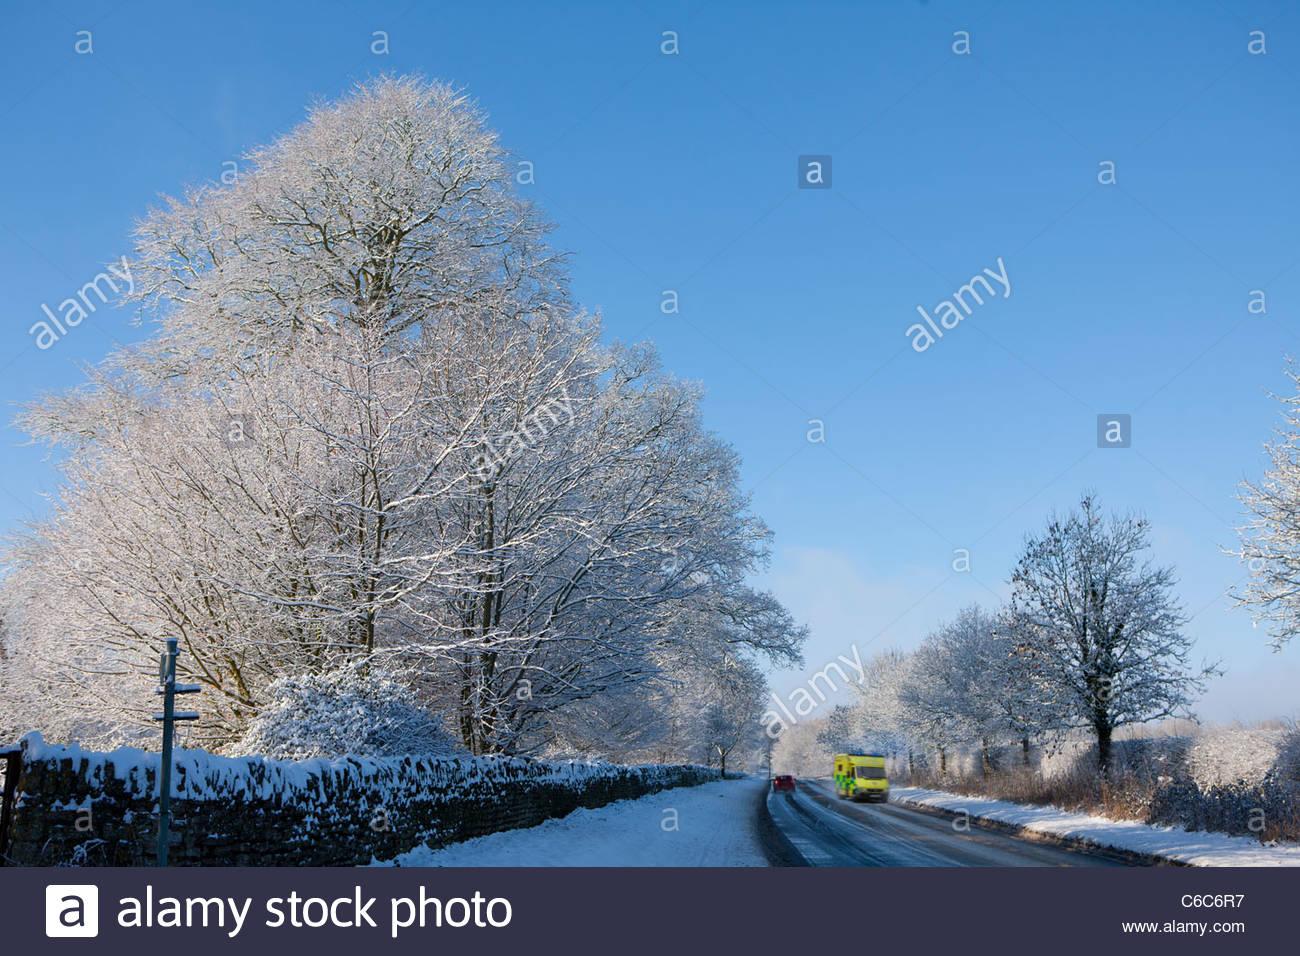 Schneebedeckte Bäume säumen die Straße mit Autos unterwegs Stockbild